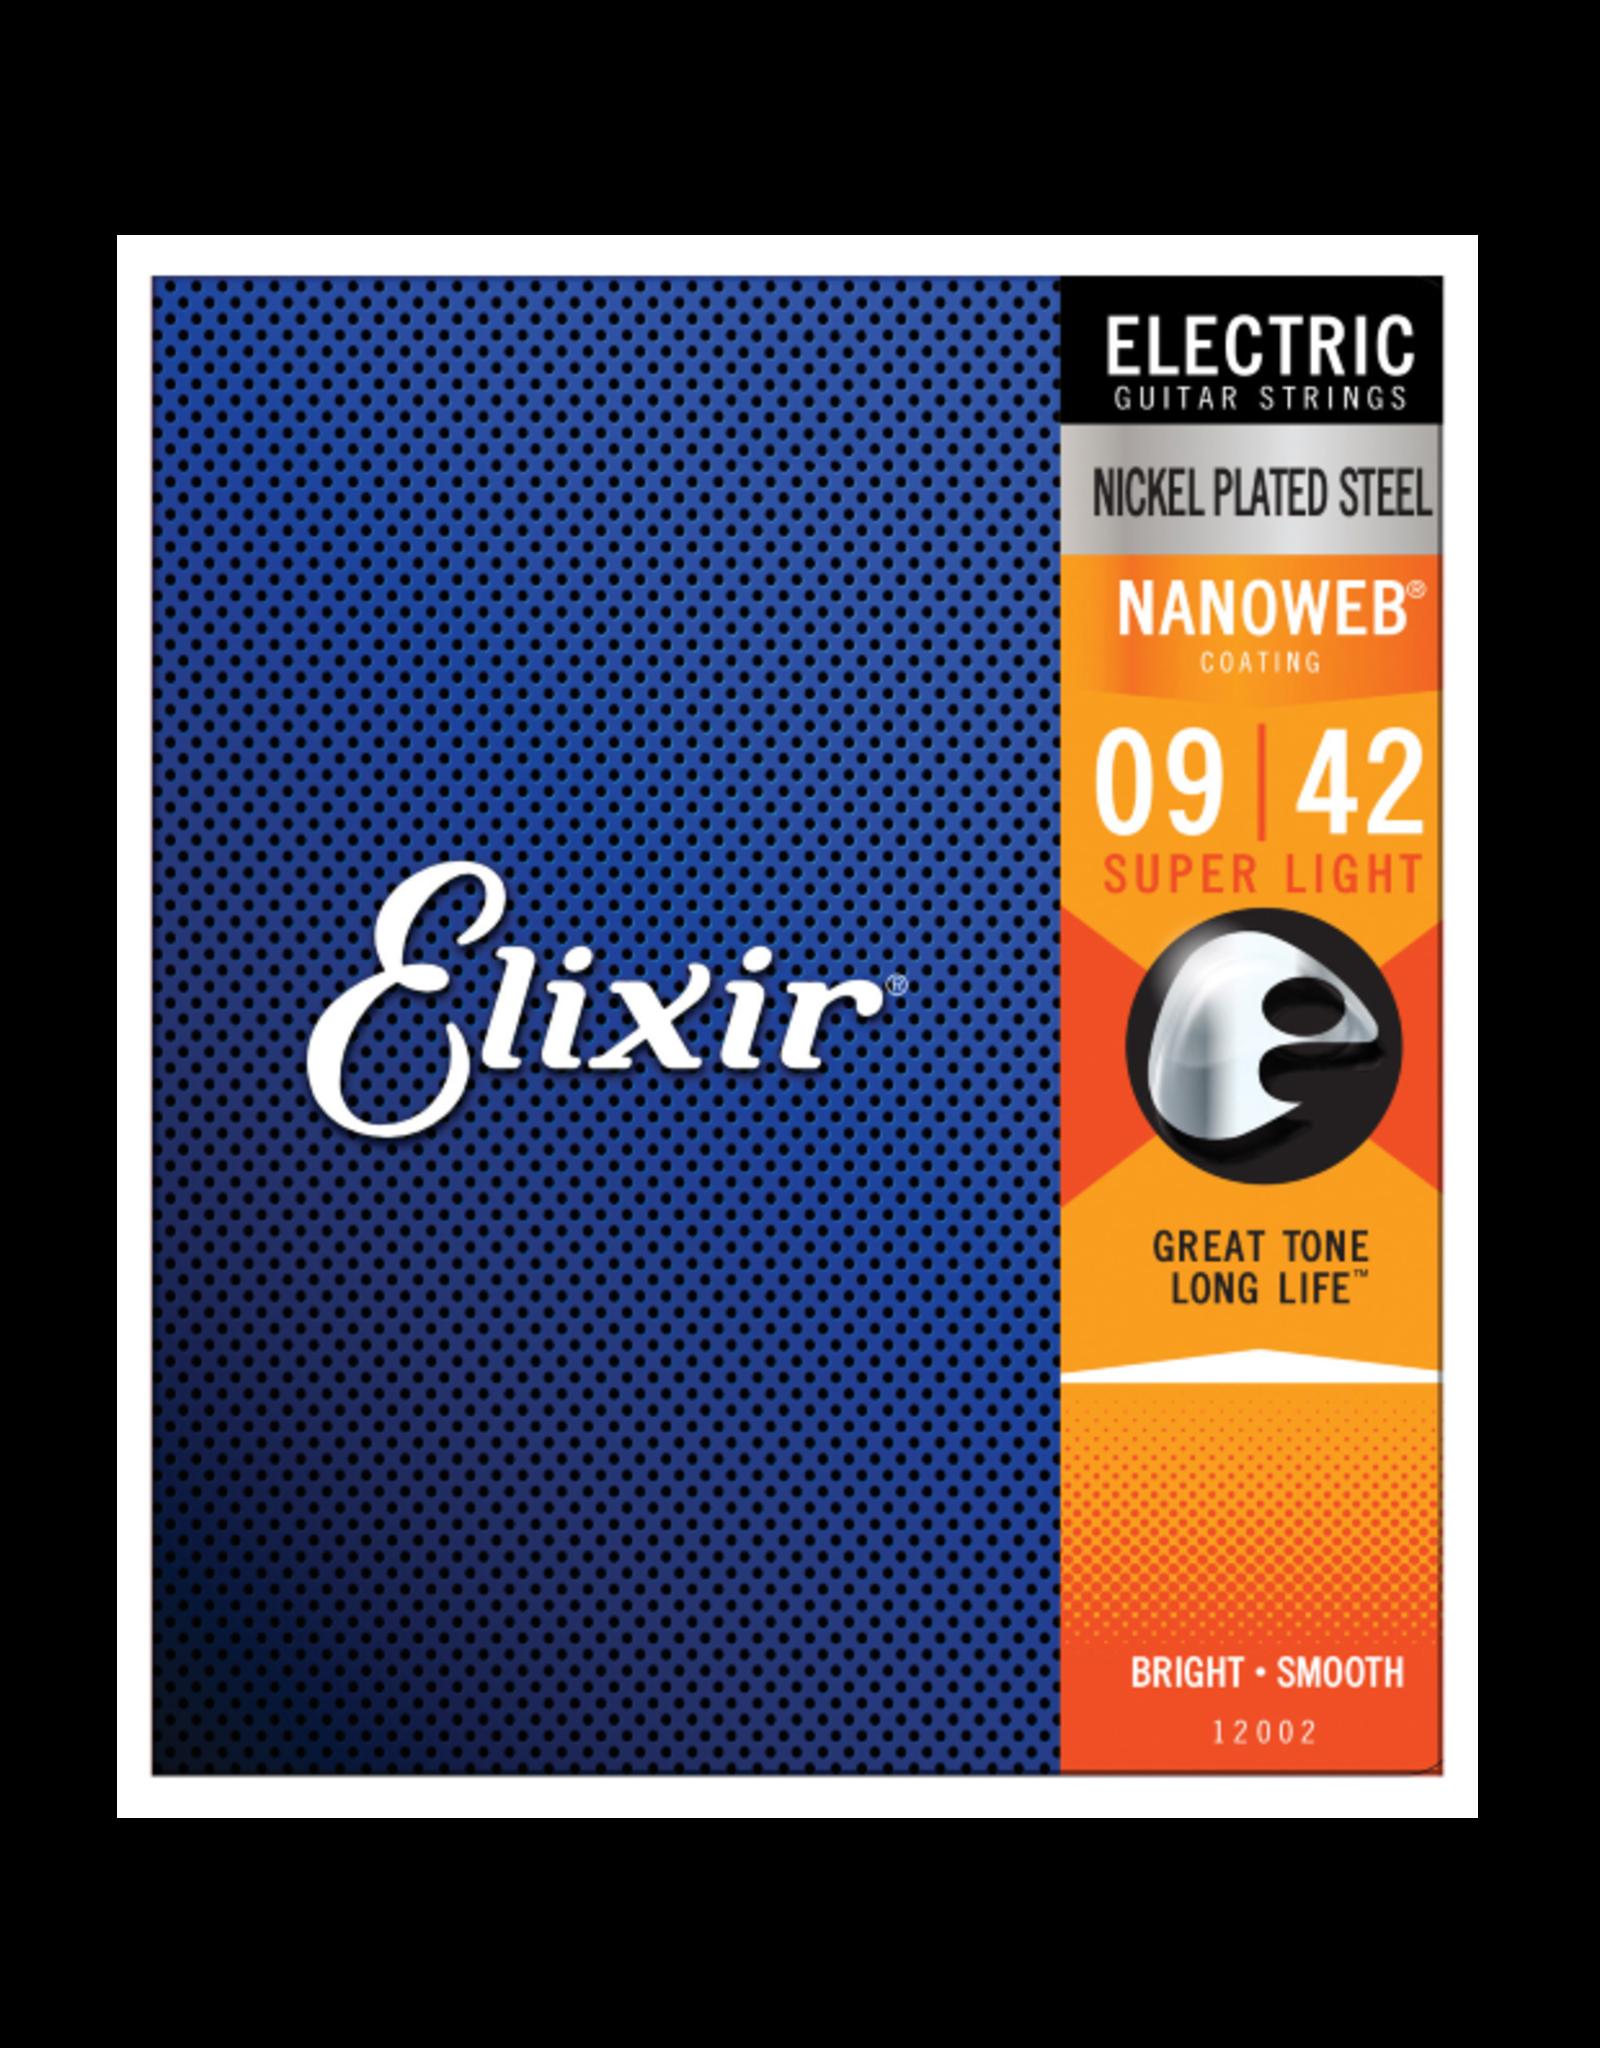 Elixir Elixir 12002 Nickel Plated Steel Electric Guitar Strings with NANOWEB Medium 11-49